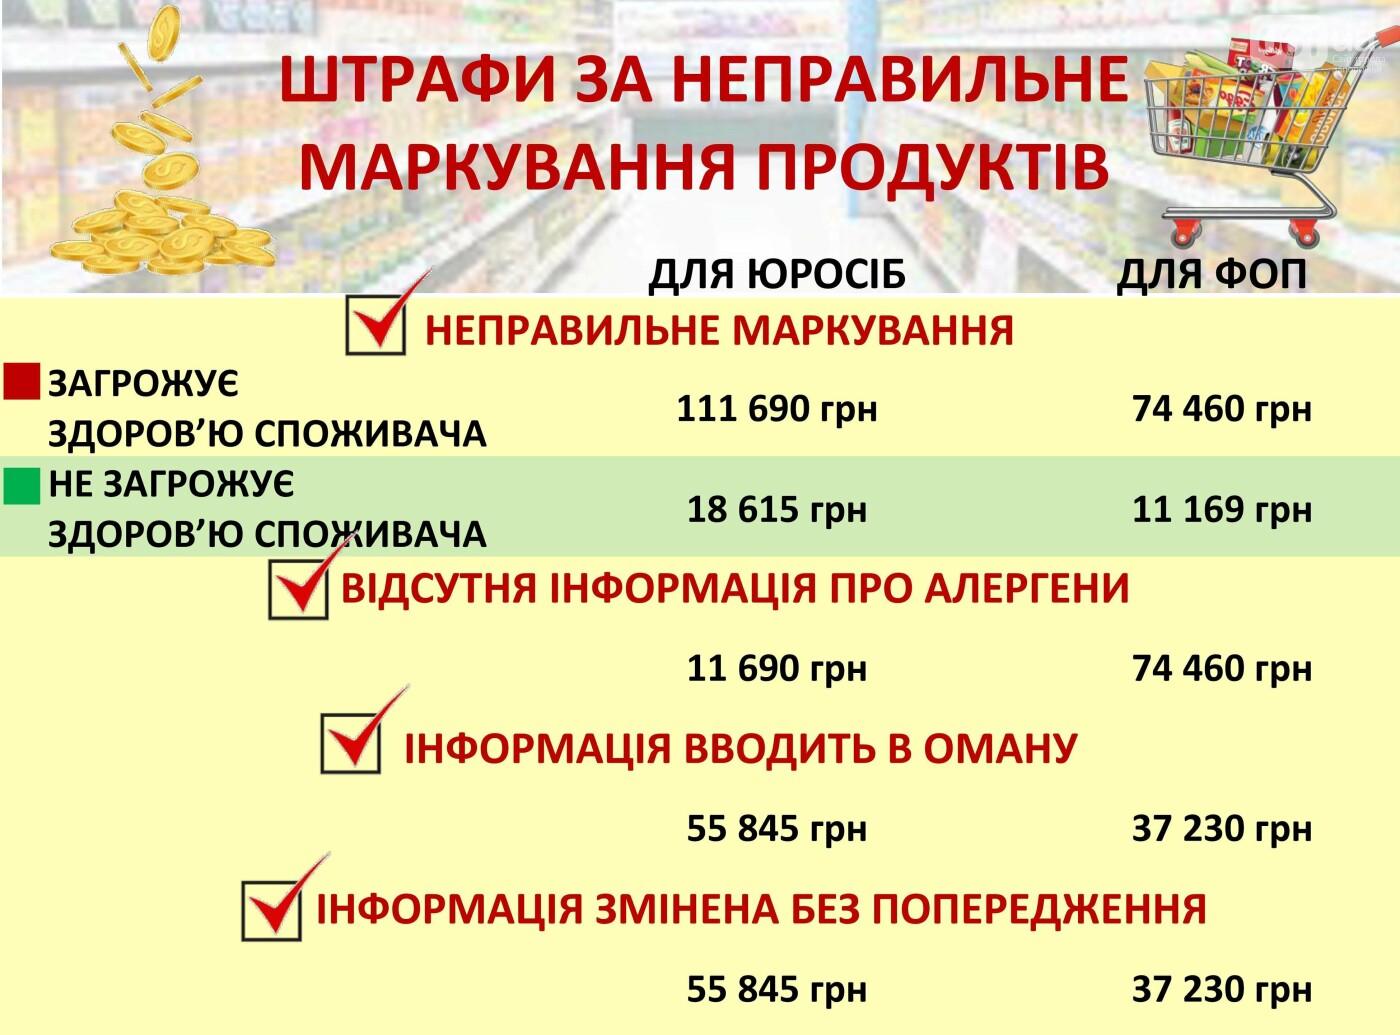 В Україні почали діяти нові правила маркування харчових продуктів, фото-1